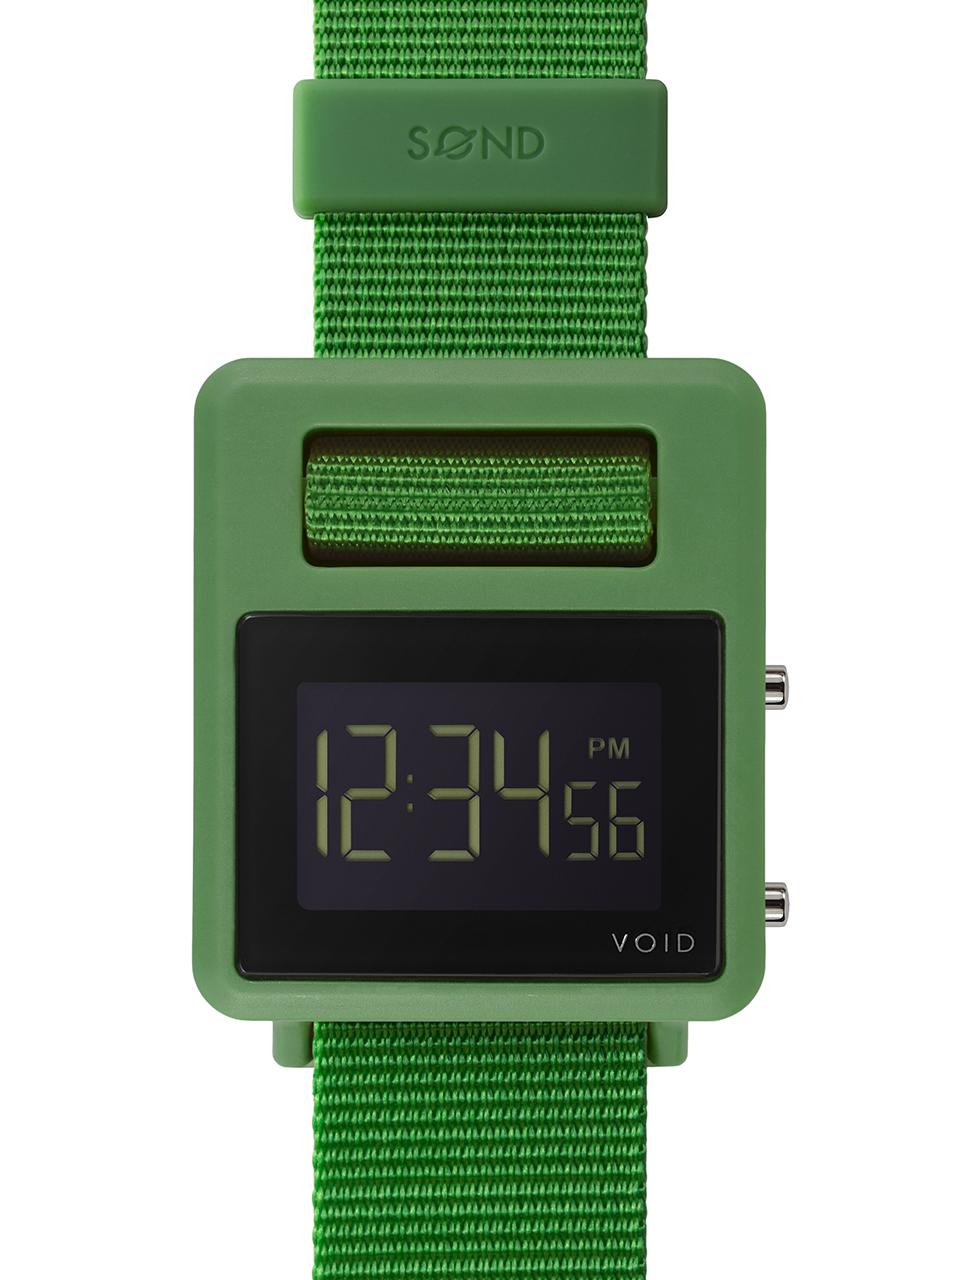 VOID SOND Watch